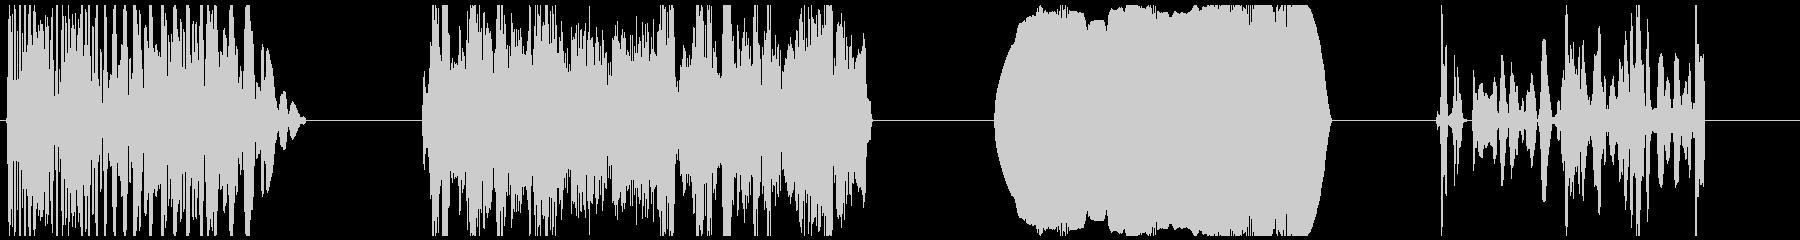 【未来の対話型コンピュータがダウン!】の未再生の波形